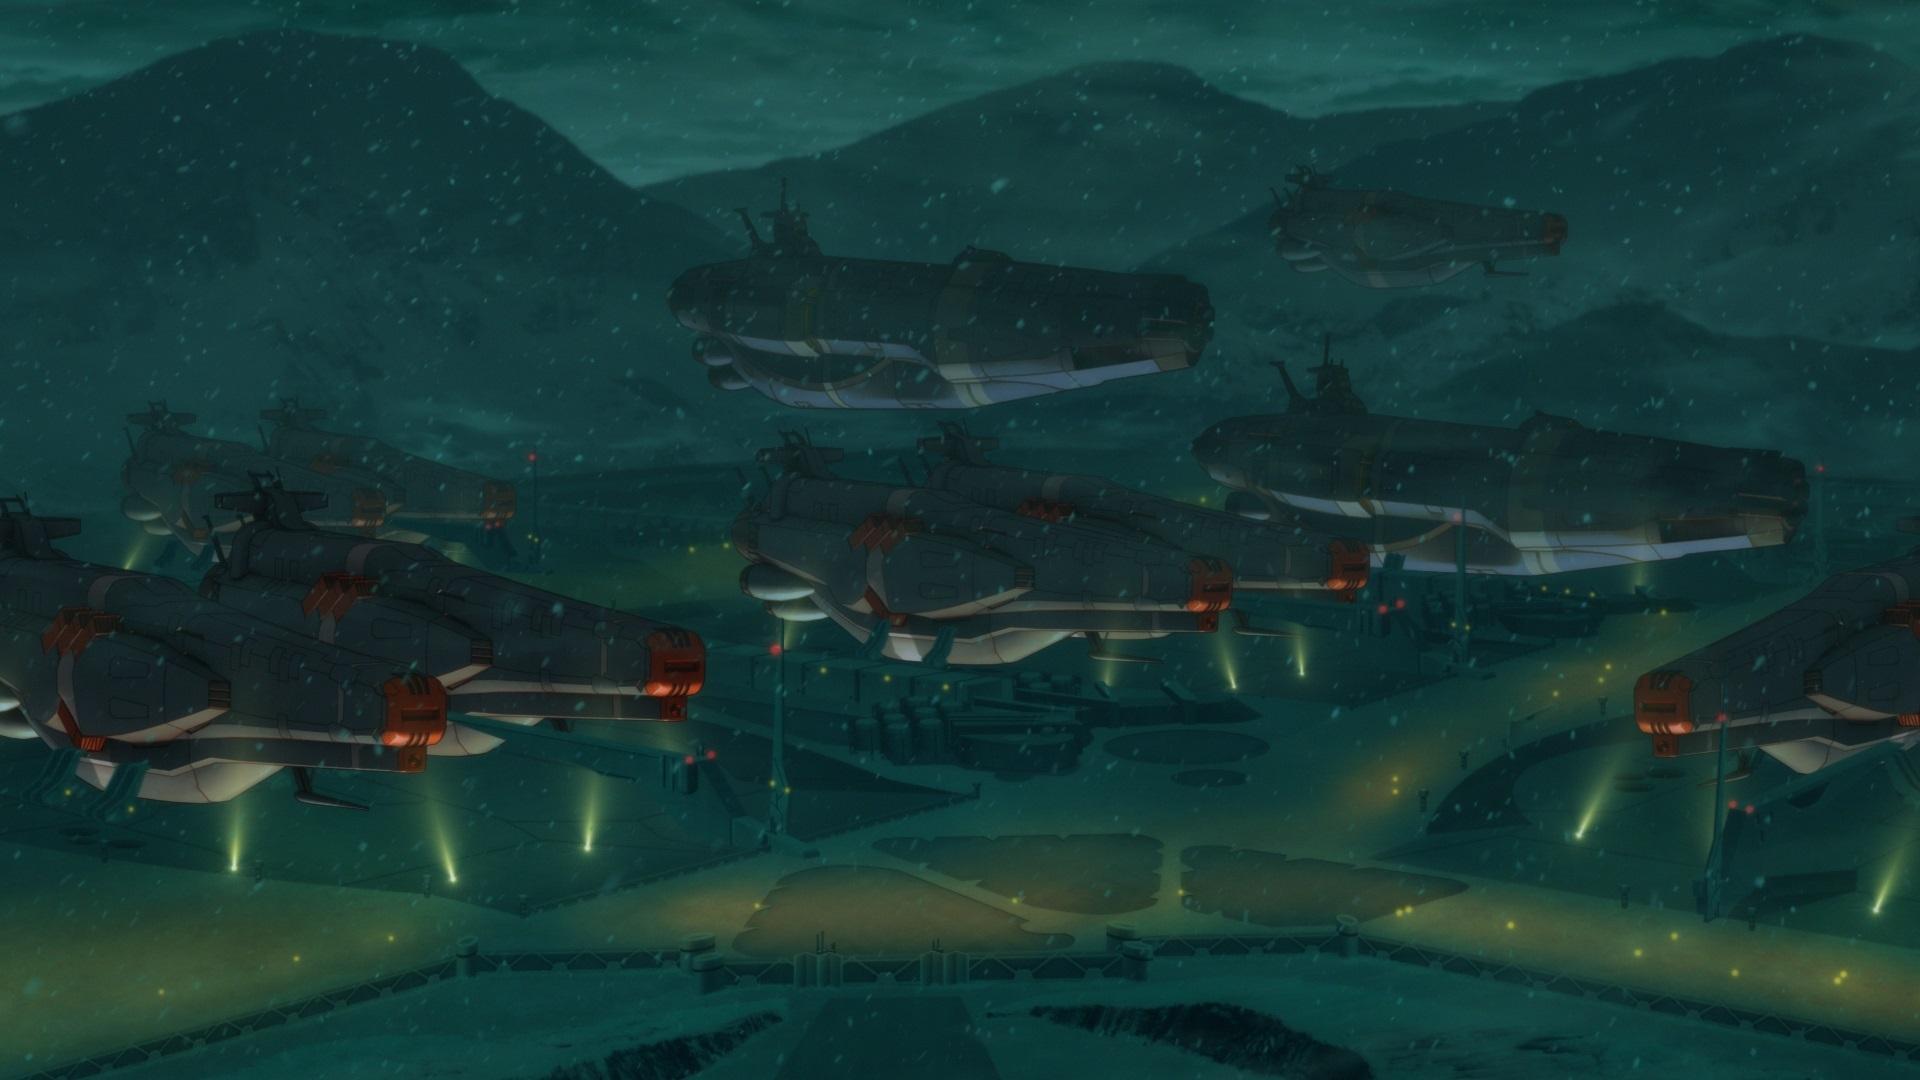 『宇宙戦艦ヤマト2205』冒頭場面カット (c)西﨑義展/宇宙戦艦ヤマト2205製作委員会